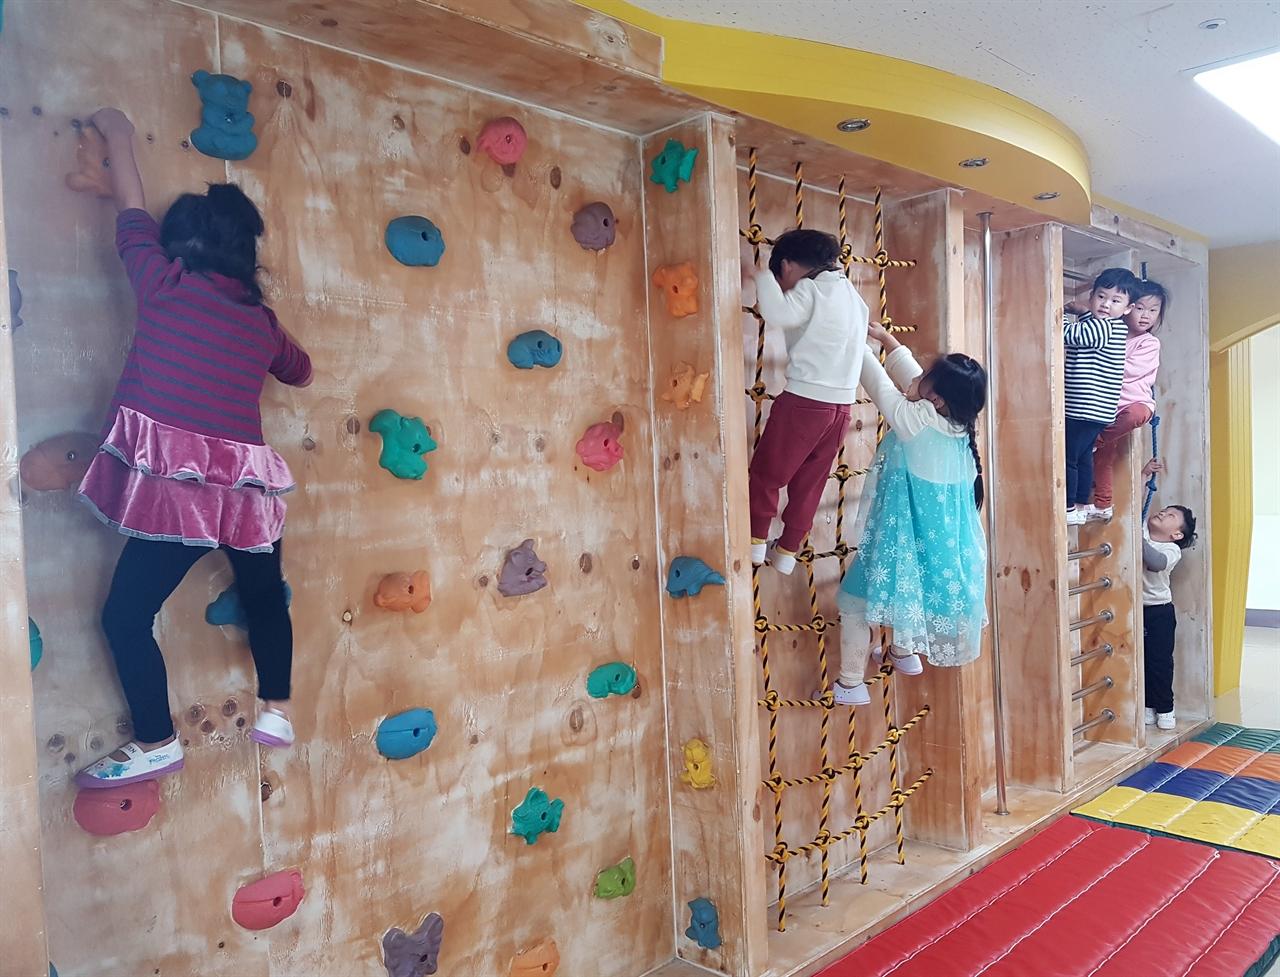 교실 복도에 암벽과 줄다리 시설을 갖춰 생활 체육습관이 길러지게 했다.